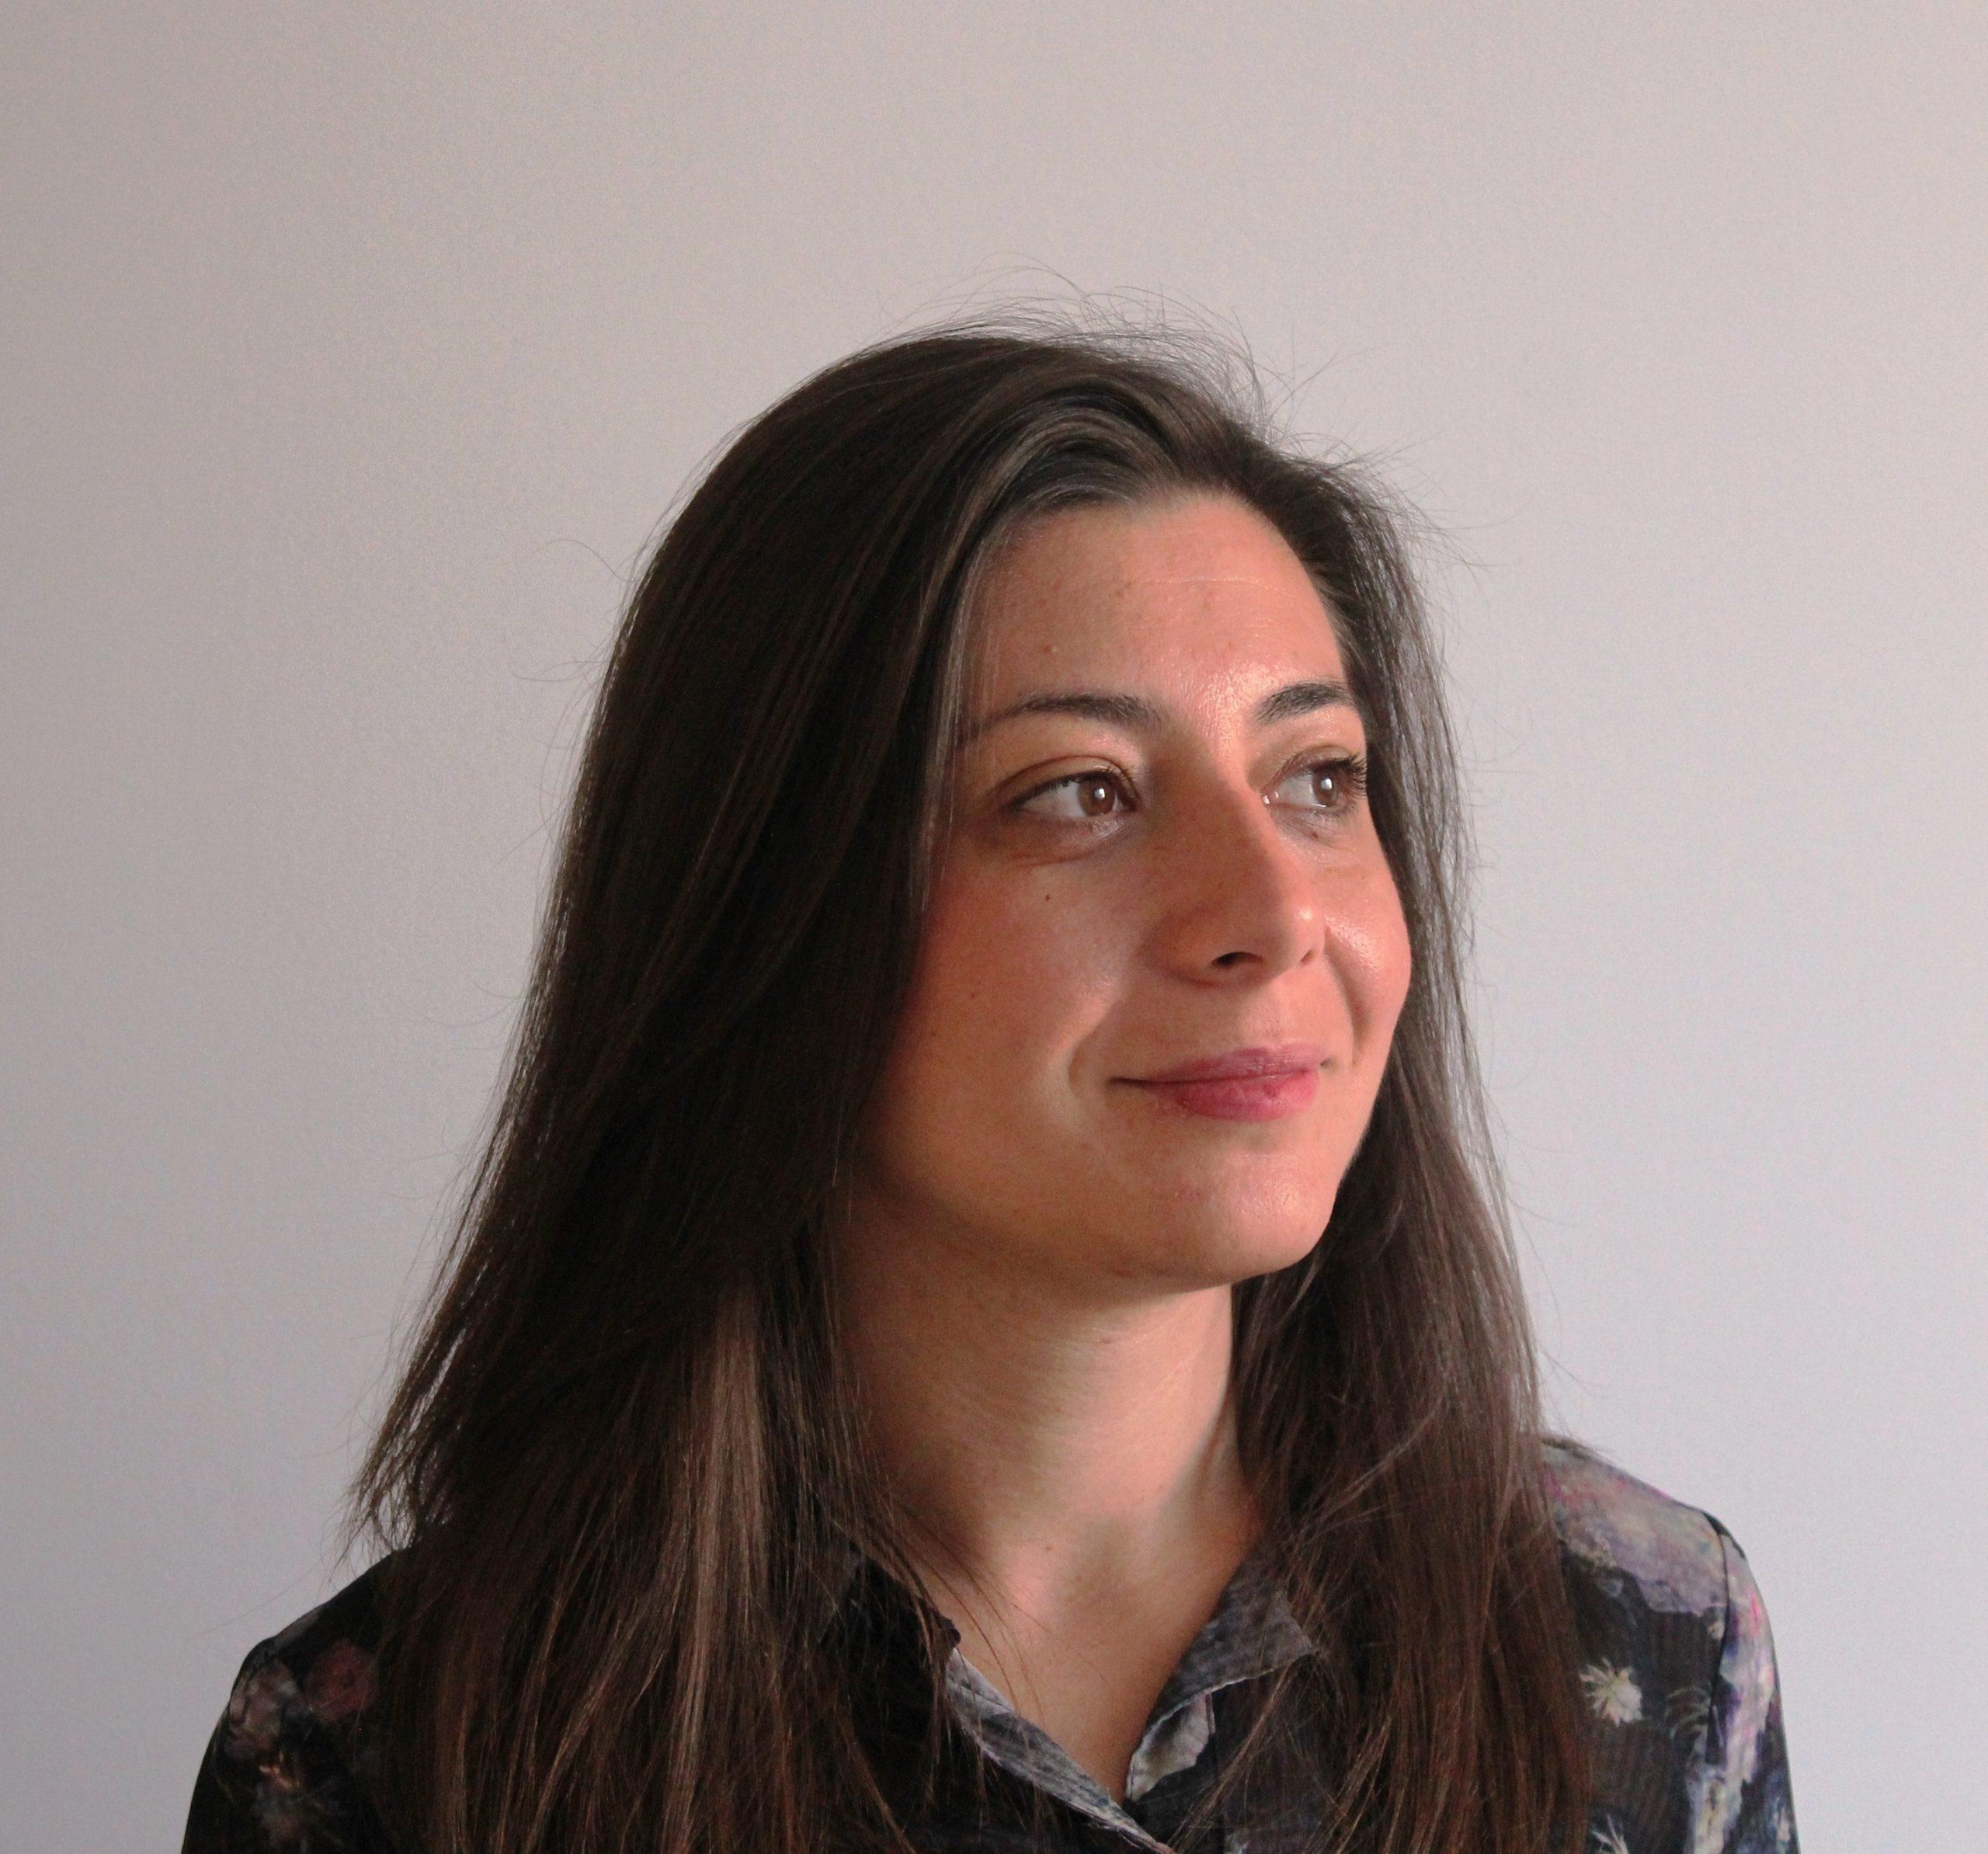 Cristiana Zăgreanu-Cristea